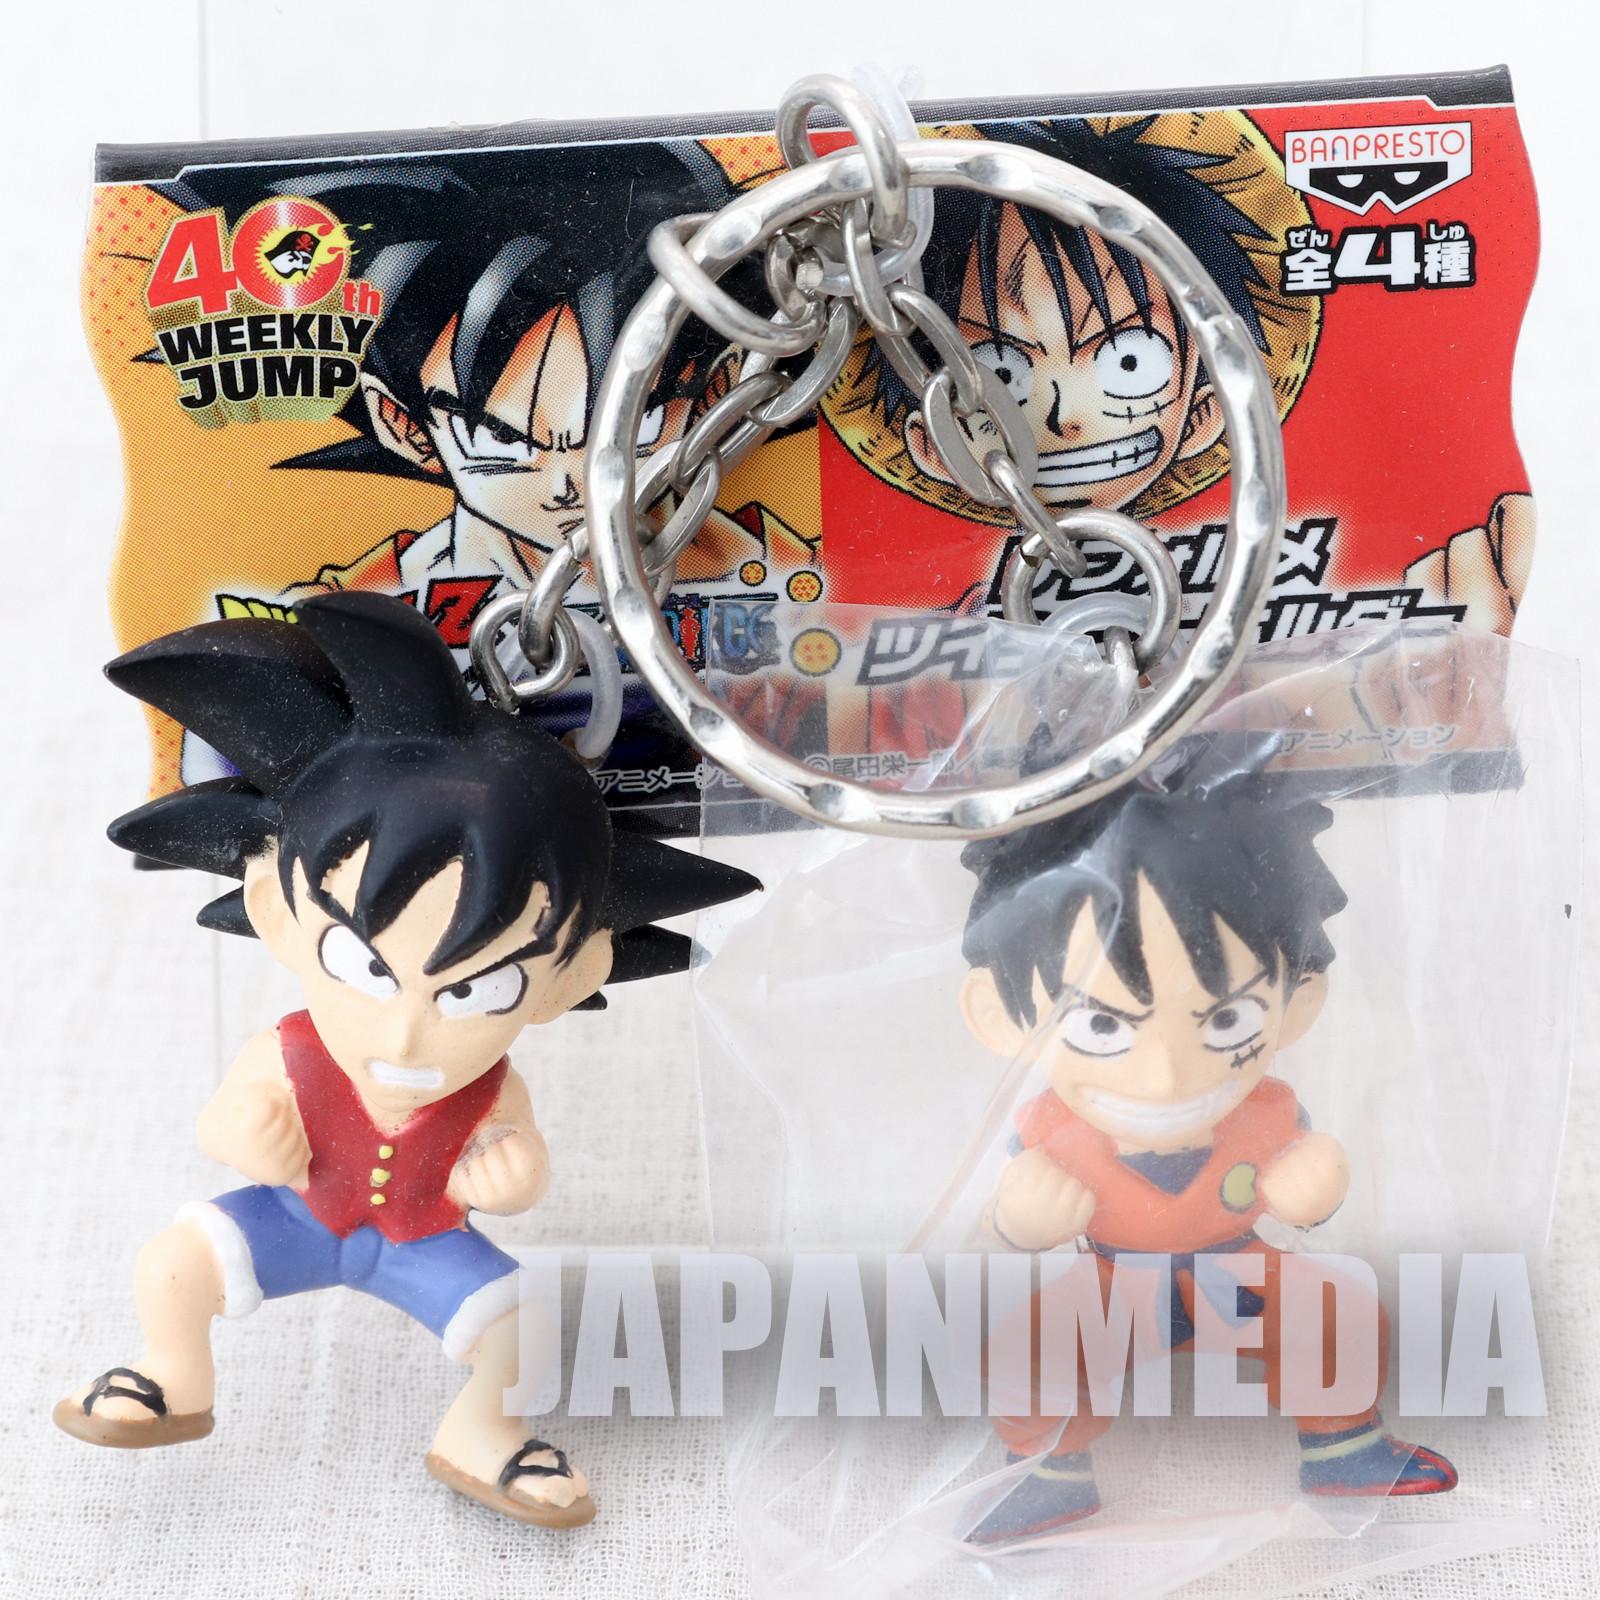 Dragon Ball Z x One Piece 40th Anniversary Figure Keychain Gokou & Luffy